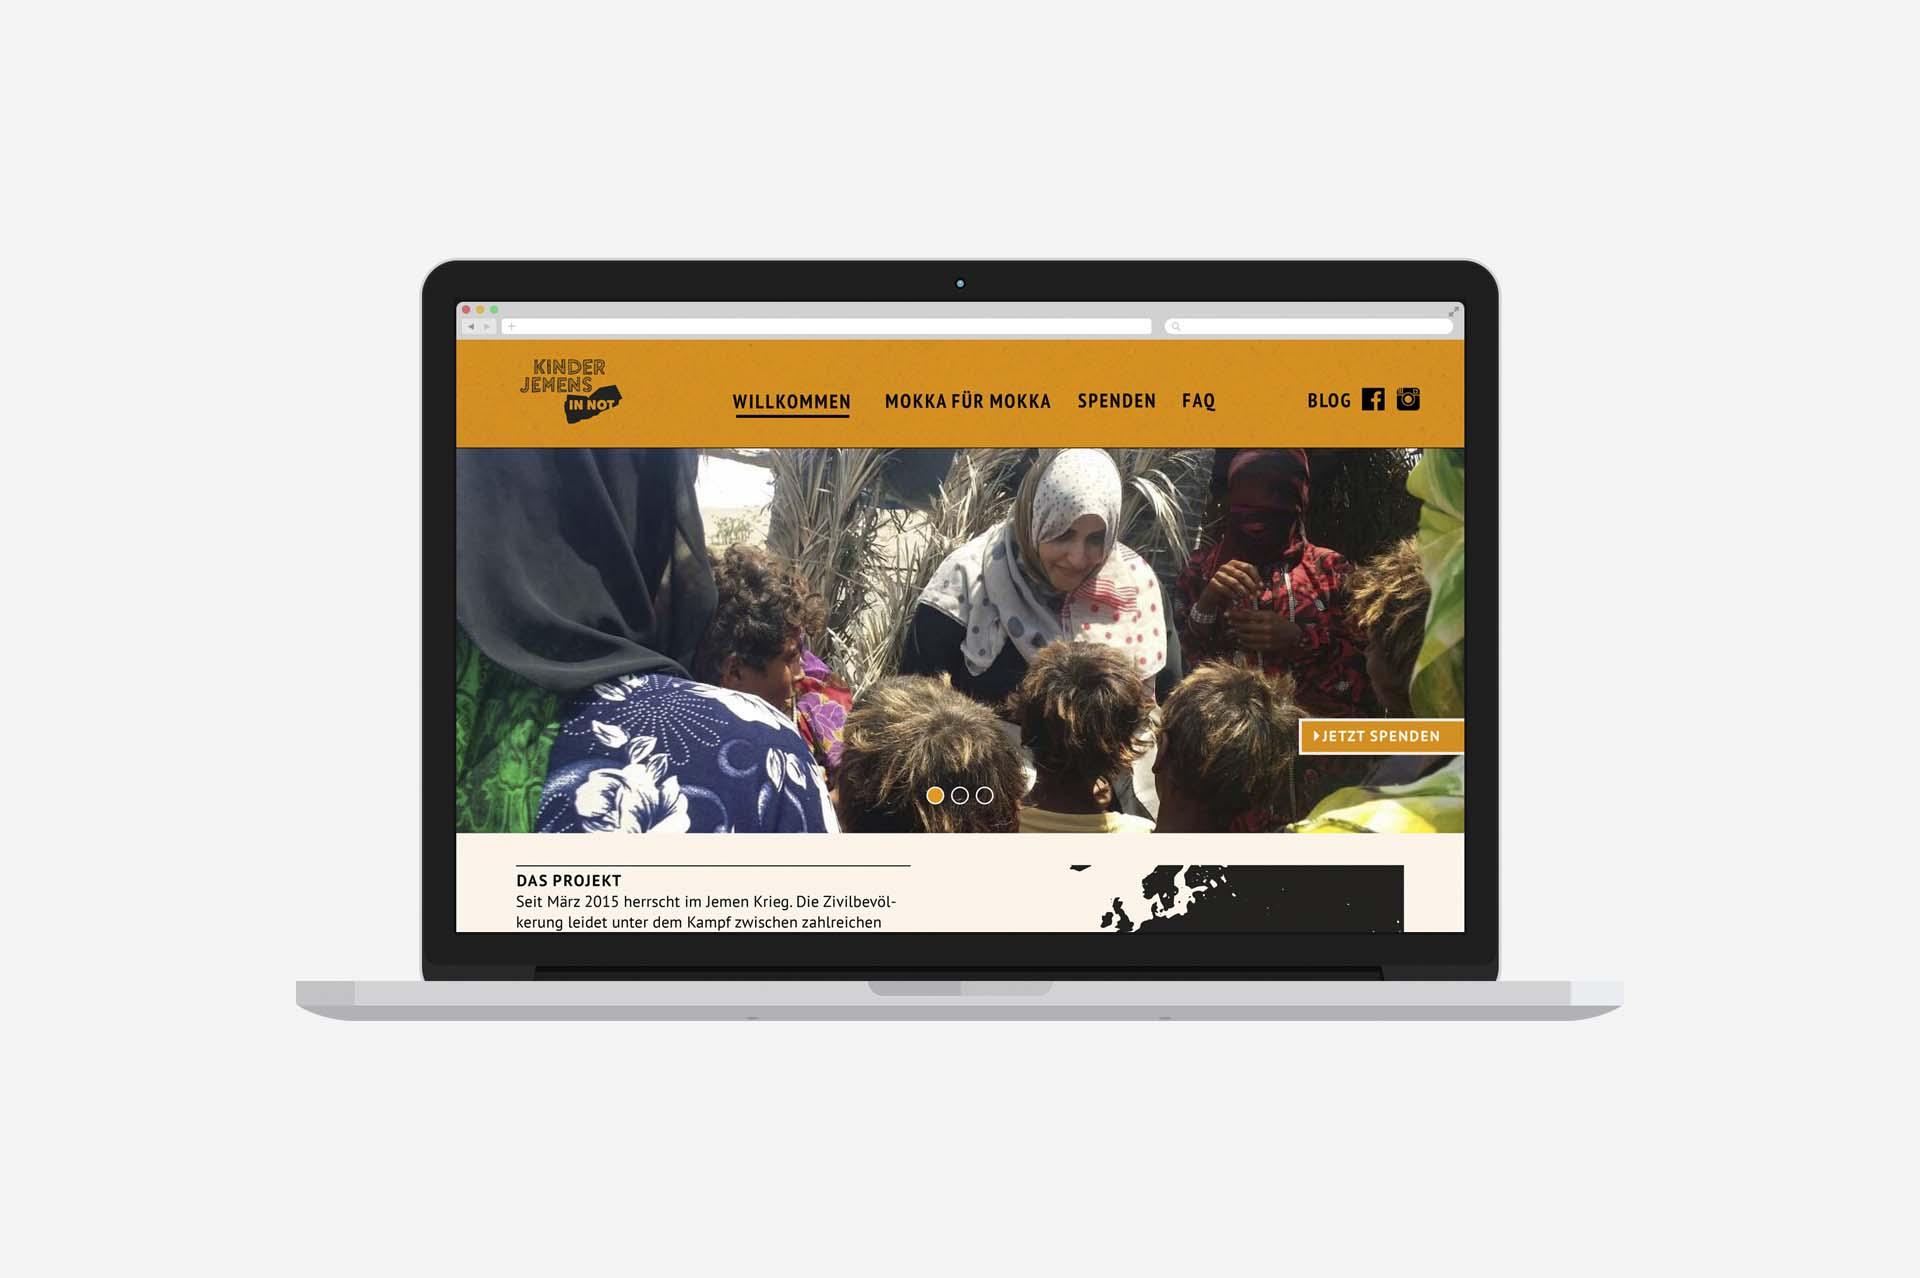 laptop website mockup of kinder jemens in not website on grey background